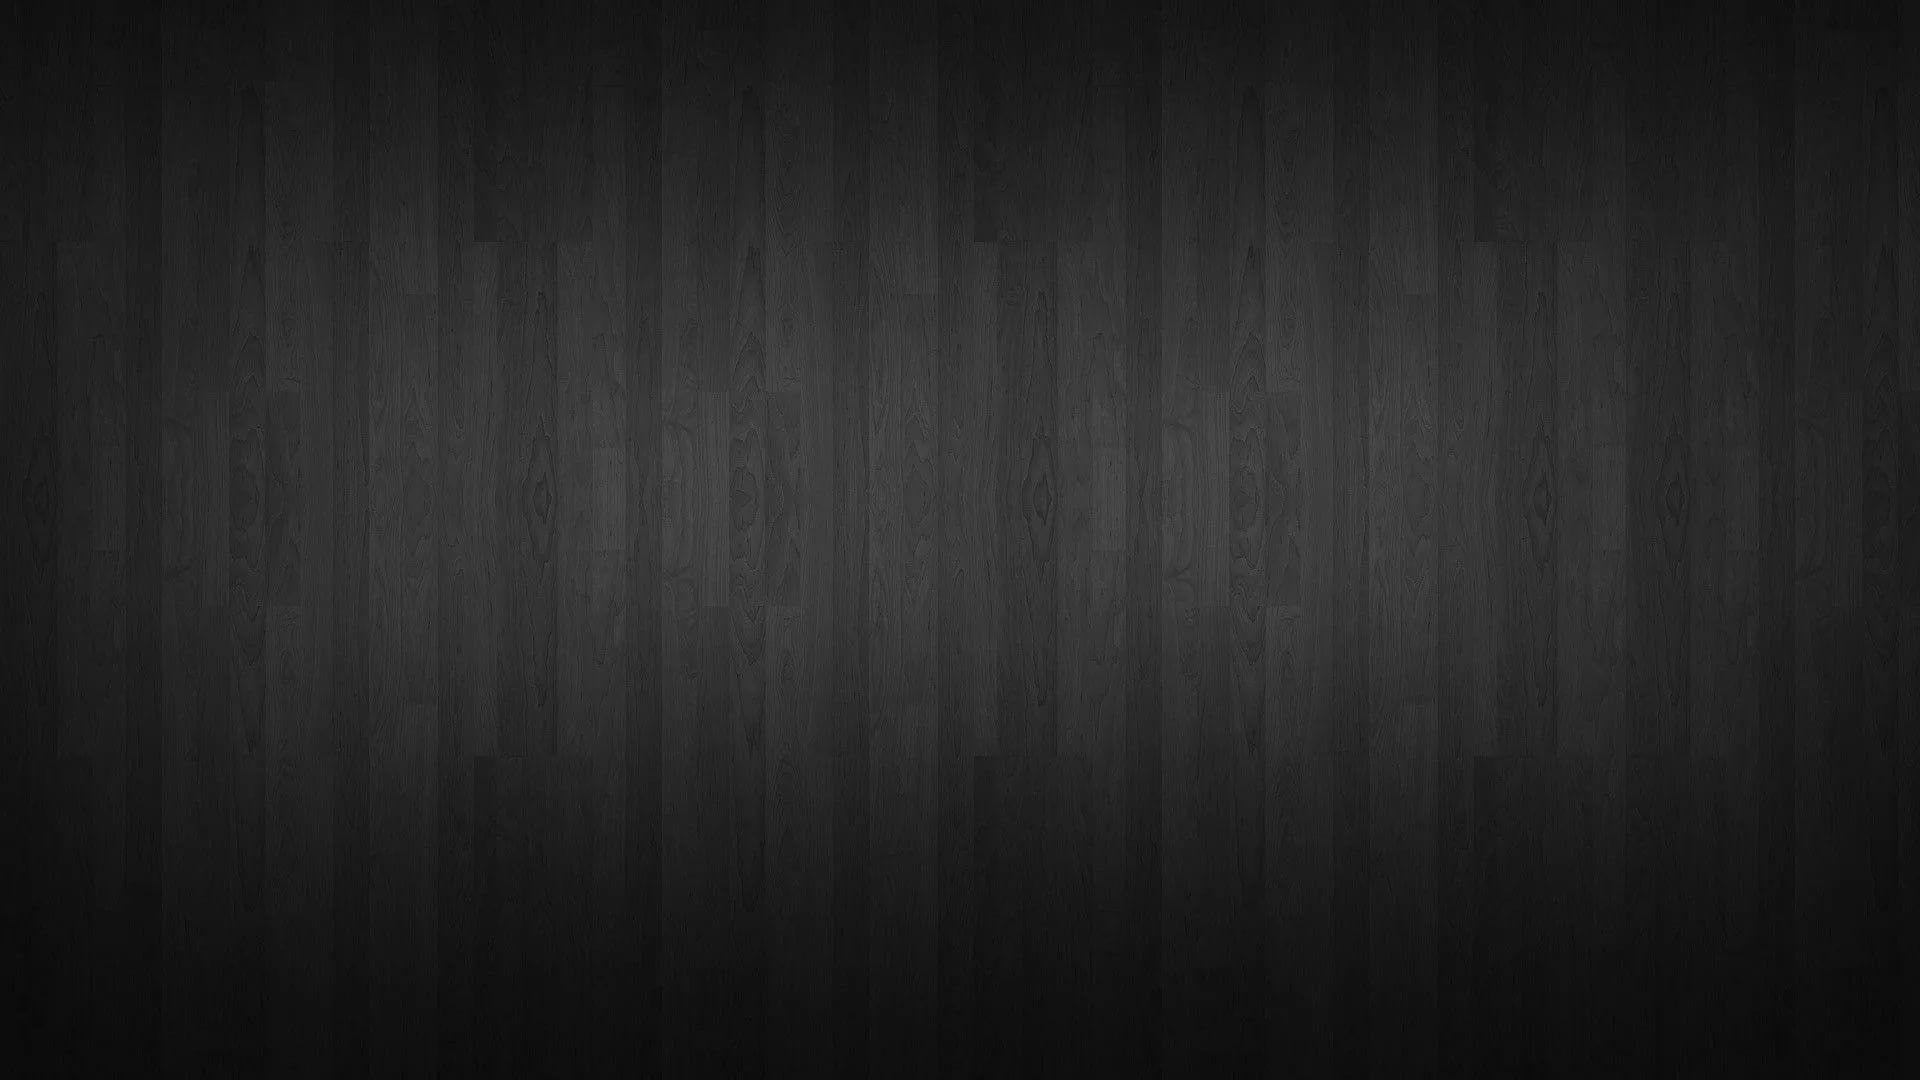 Plain Black full wallpaper